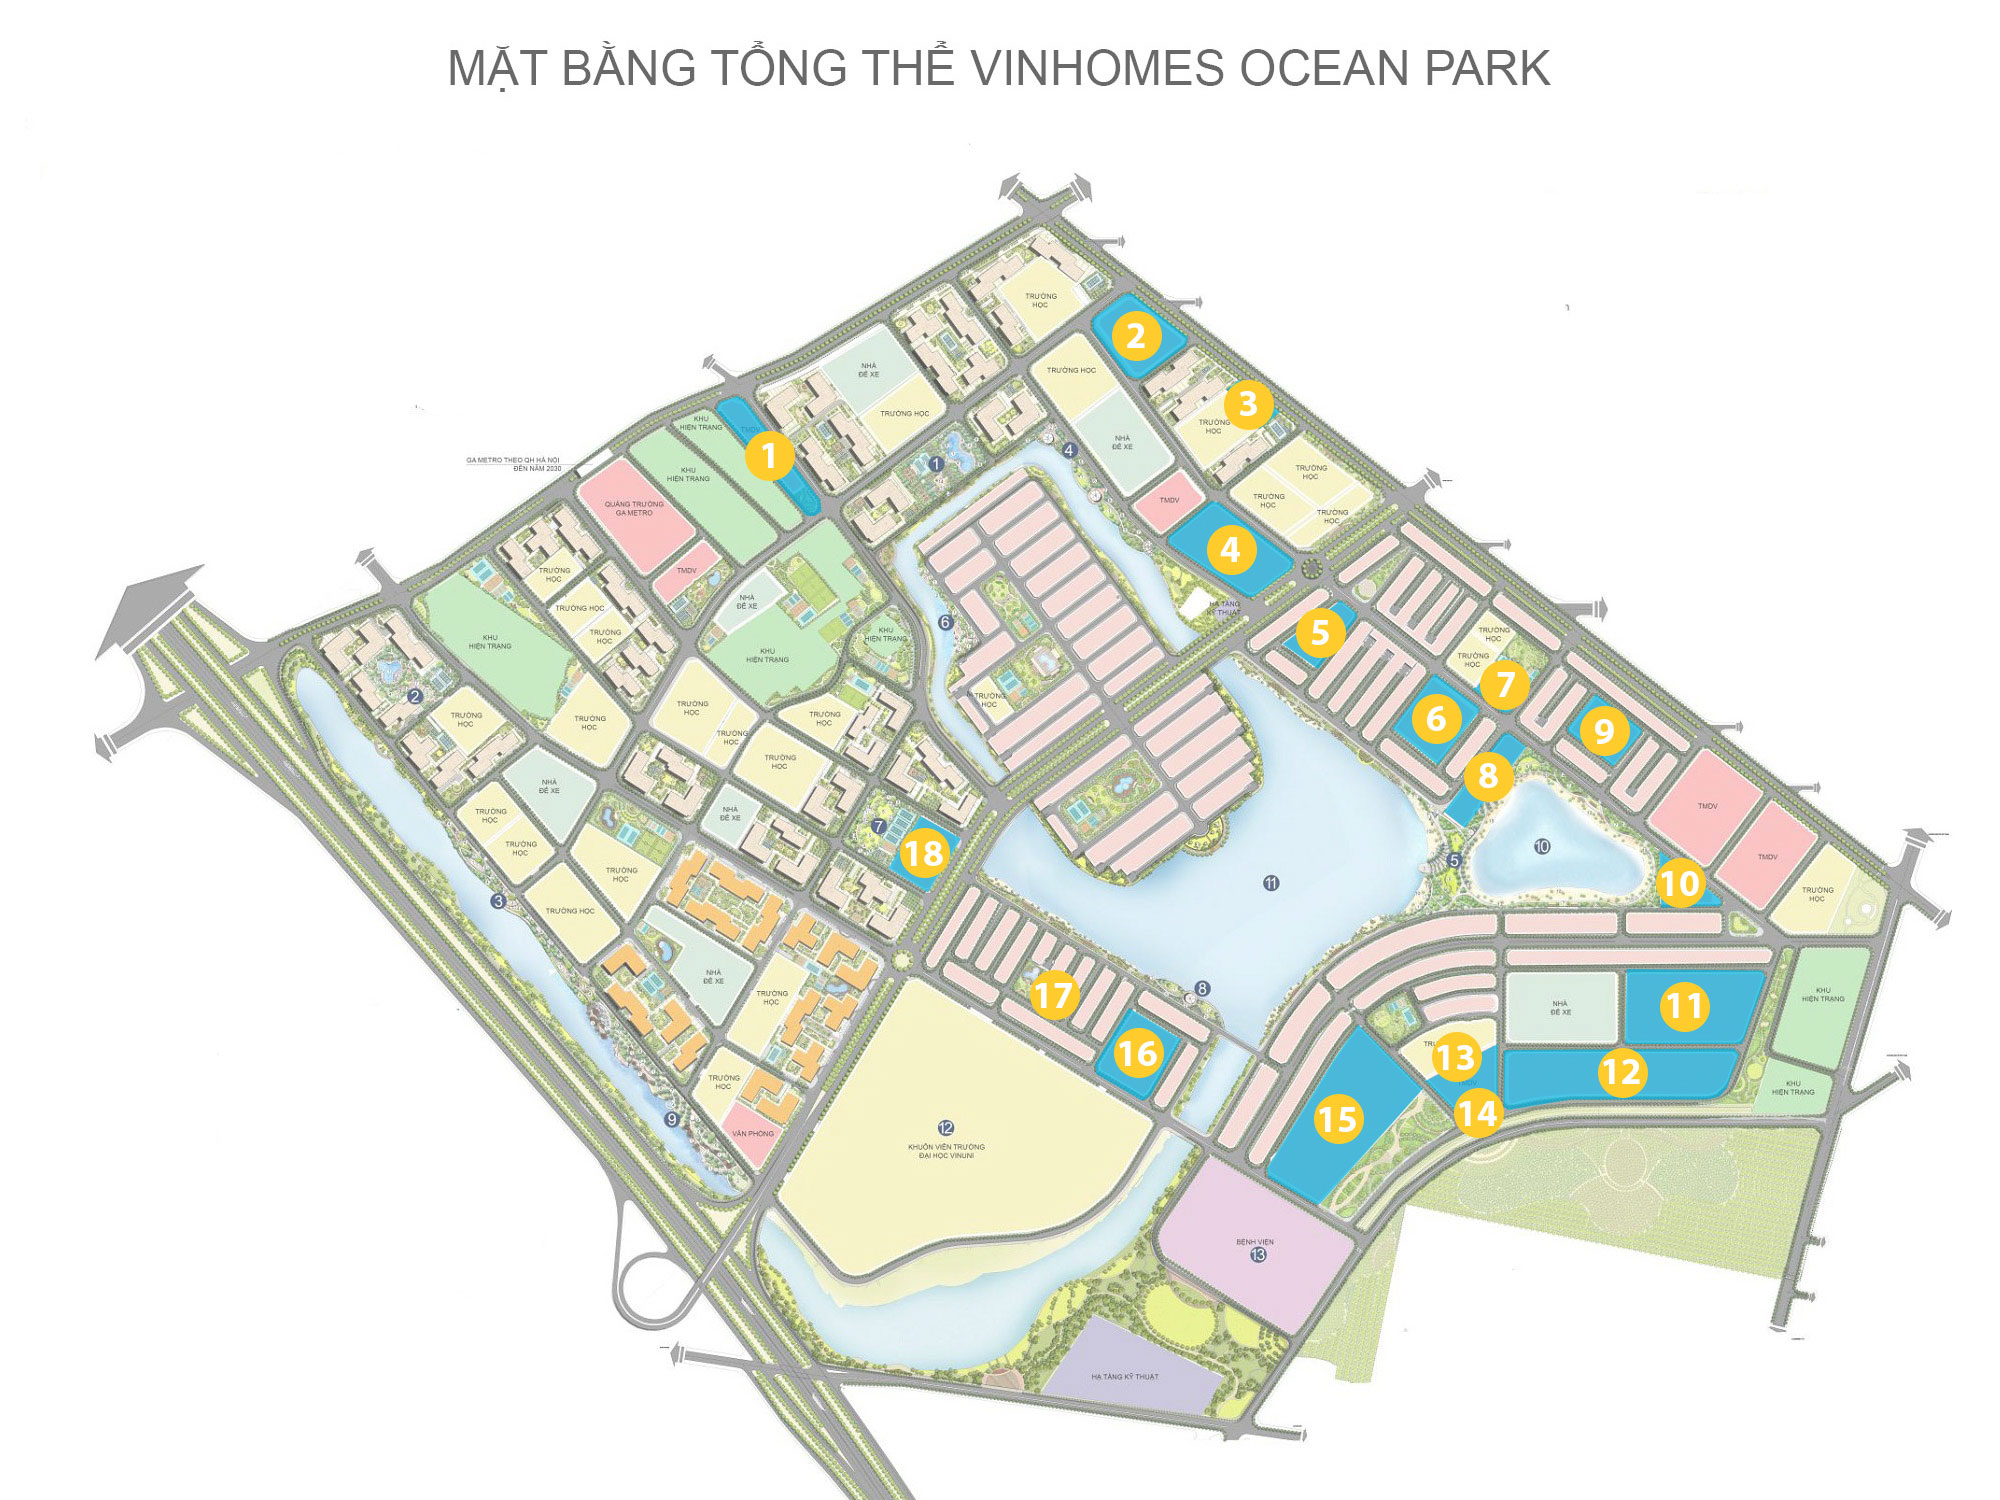 vi-tri-shop-thuong-mai-dich-vu-vinhomes-ocean-park